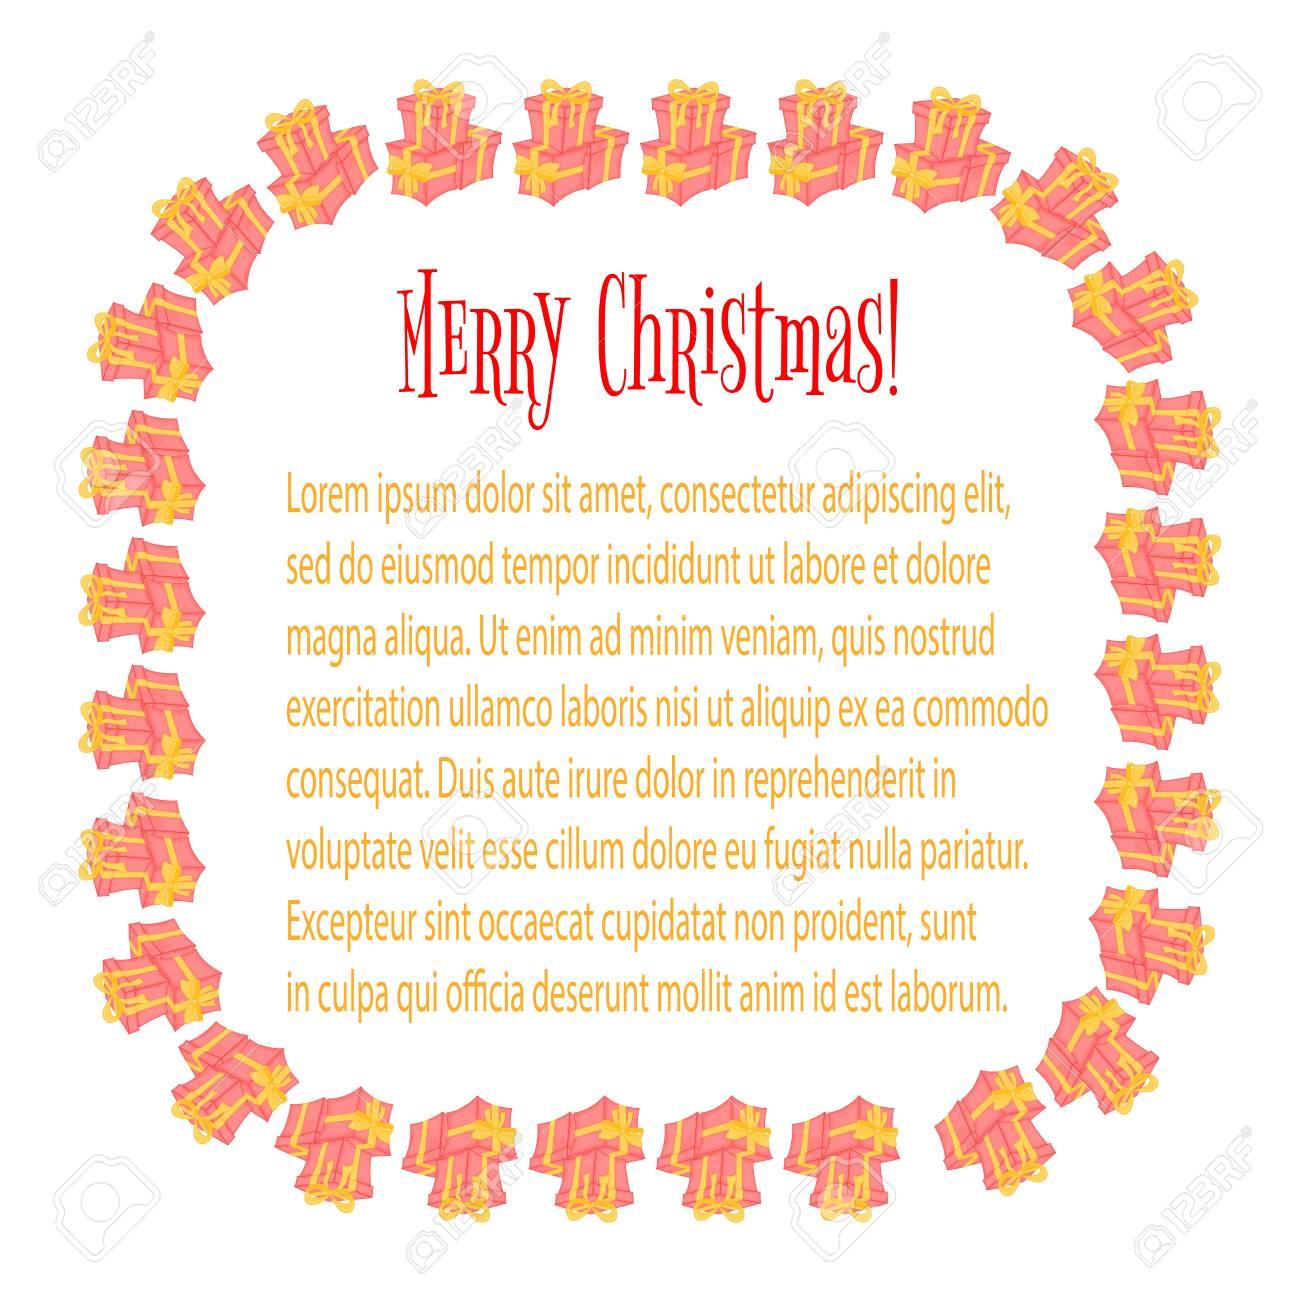 Cadre Pour Une Photo Cartes Avec Des Cadeaux De Noël Et Des Sacs De Père Noël Boîtes Mignonnes Pour Lanniversaire Et La Saint Valentin Modèles